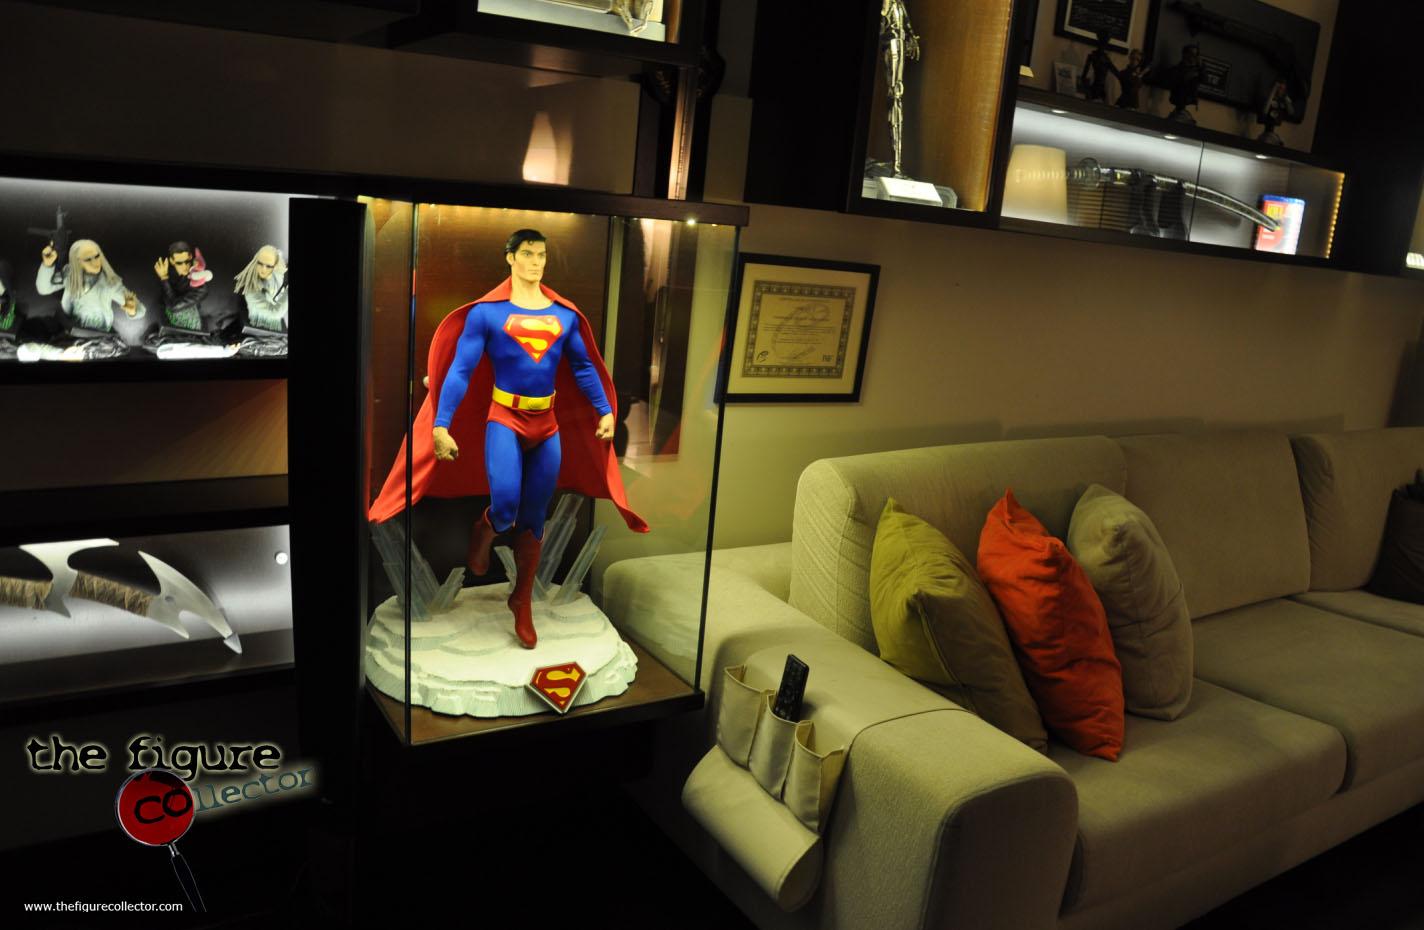 Colecao do Turco louis gara do forum Sideshow Collectors! Pobrinho!!! Superman-Cinemaquette-16